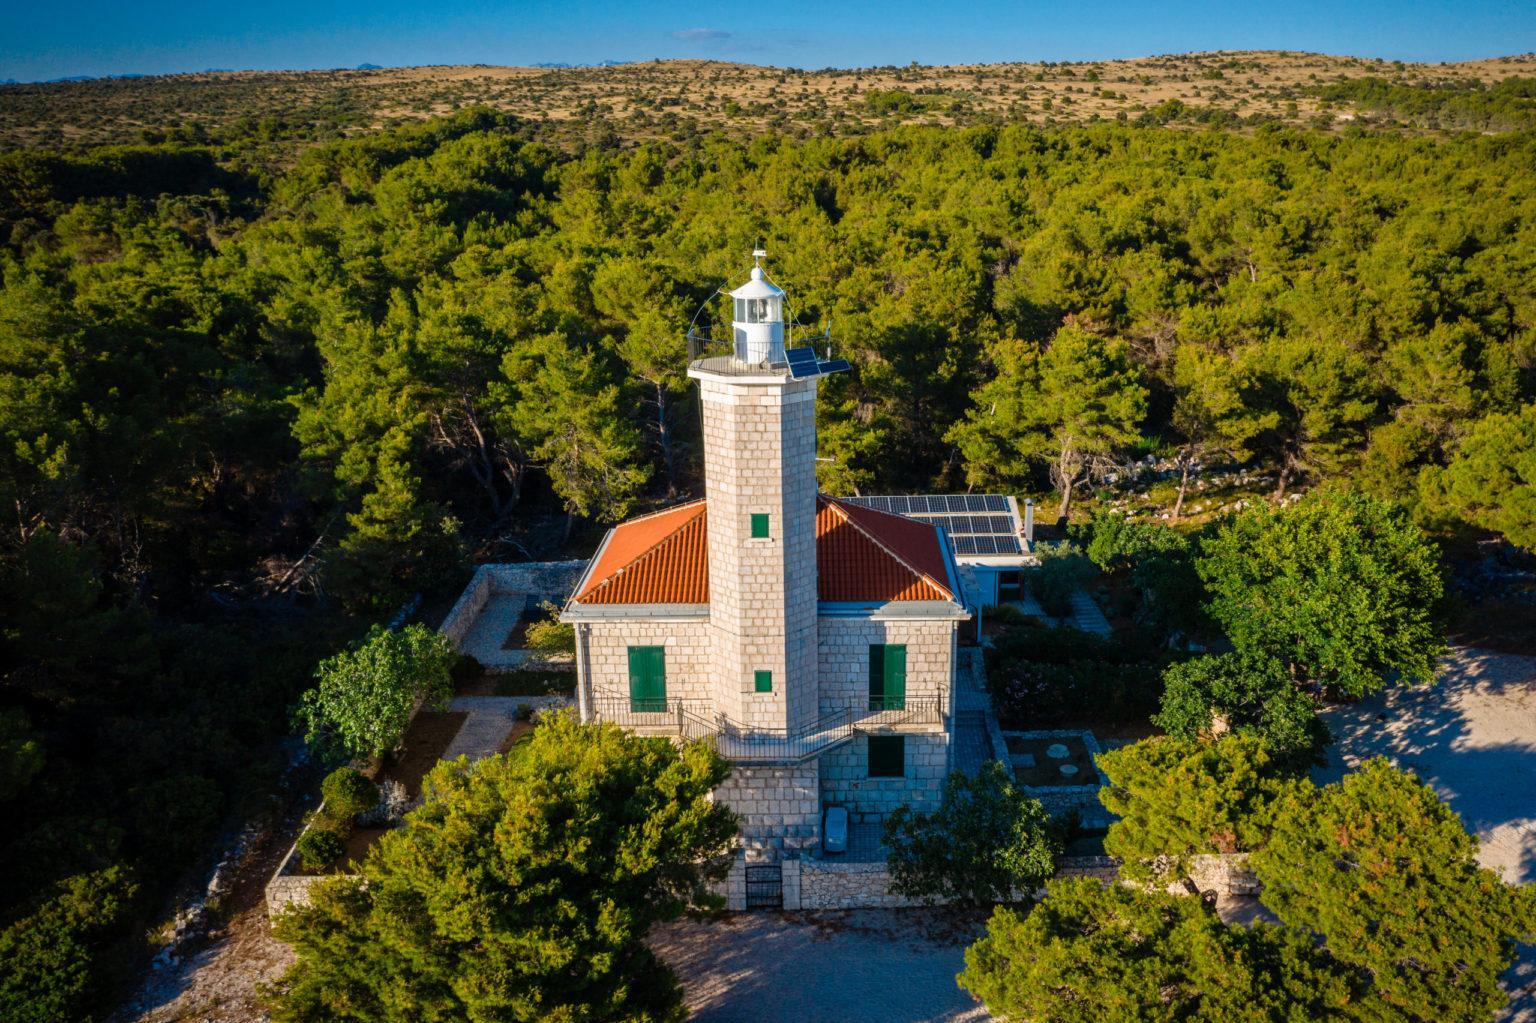 hochzeitslocation Kroatien location hochzeit heiraten 5 6 scaled - Alter Leuchtturm